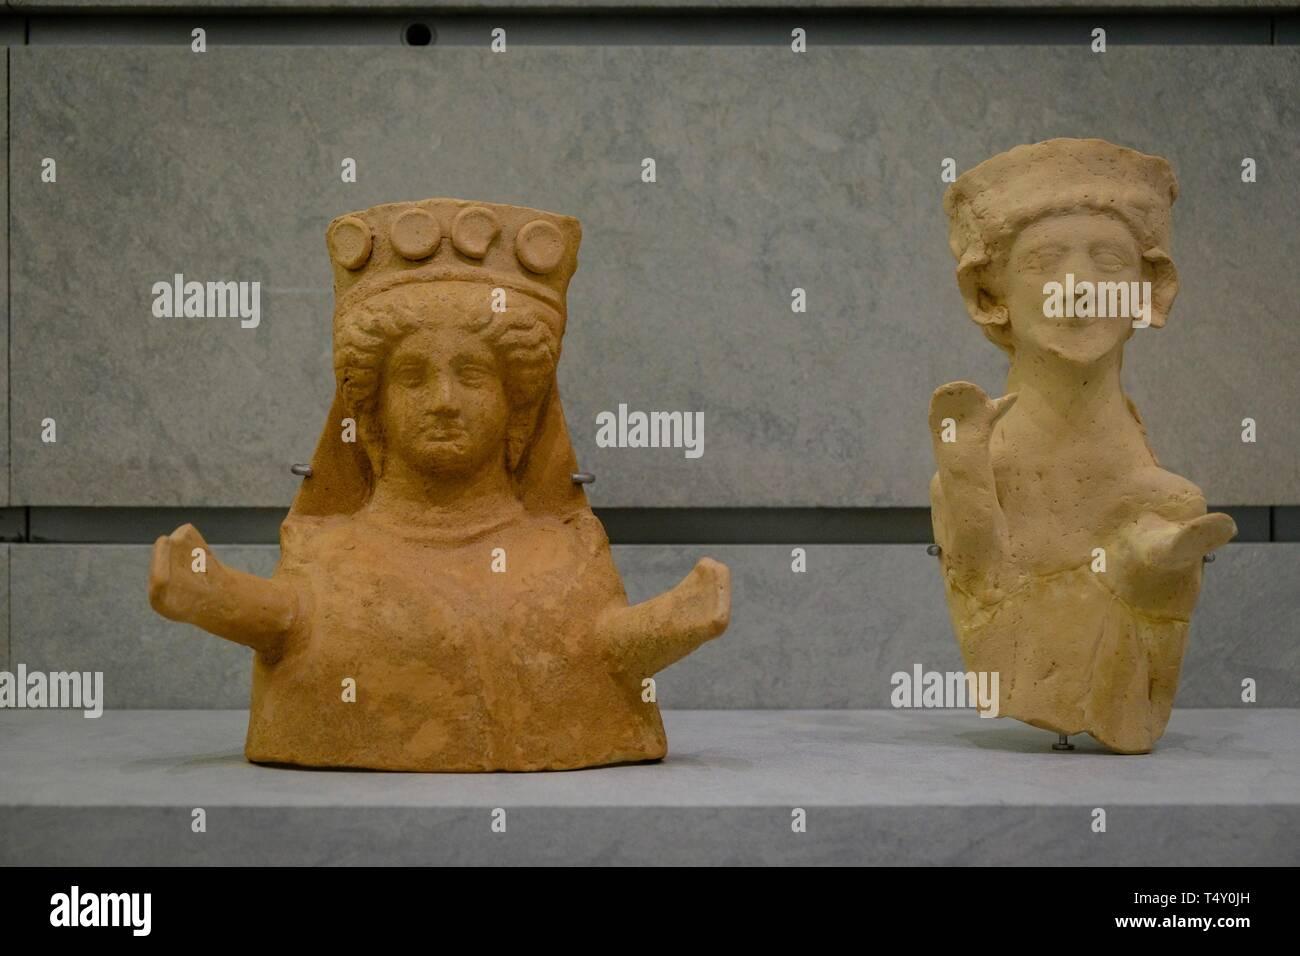 busto femenino y figura masculina, 450-425 antes de Cristo, Museo arqueológico de Ibiza y Formentera, Patrimonio de la Humanidad «Ibiza, biodiversidad y cultura», Ibiza, balearic islands, Spain. - Stock Image